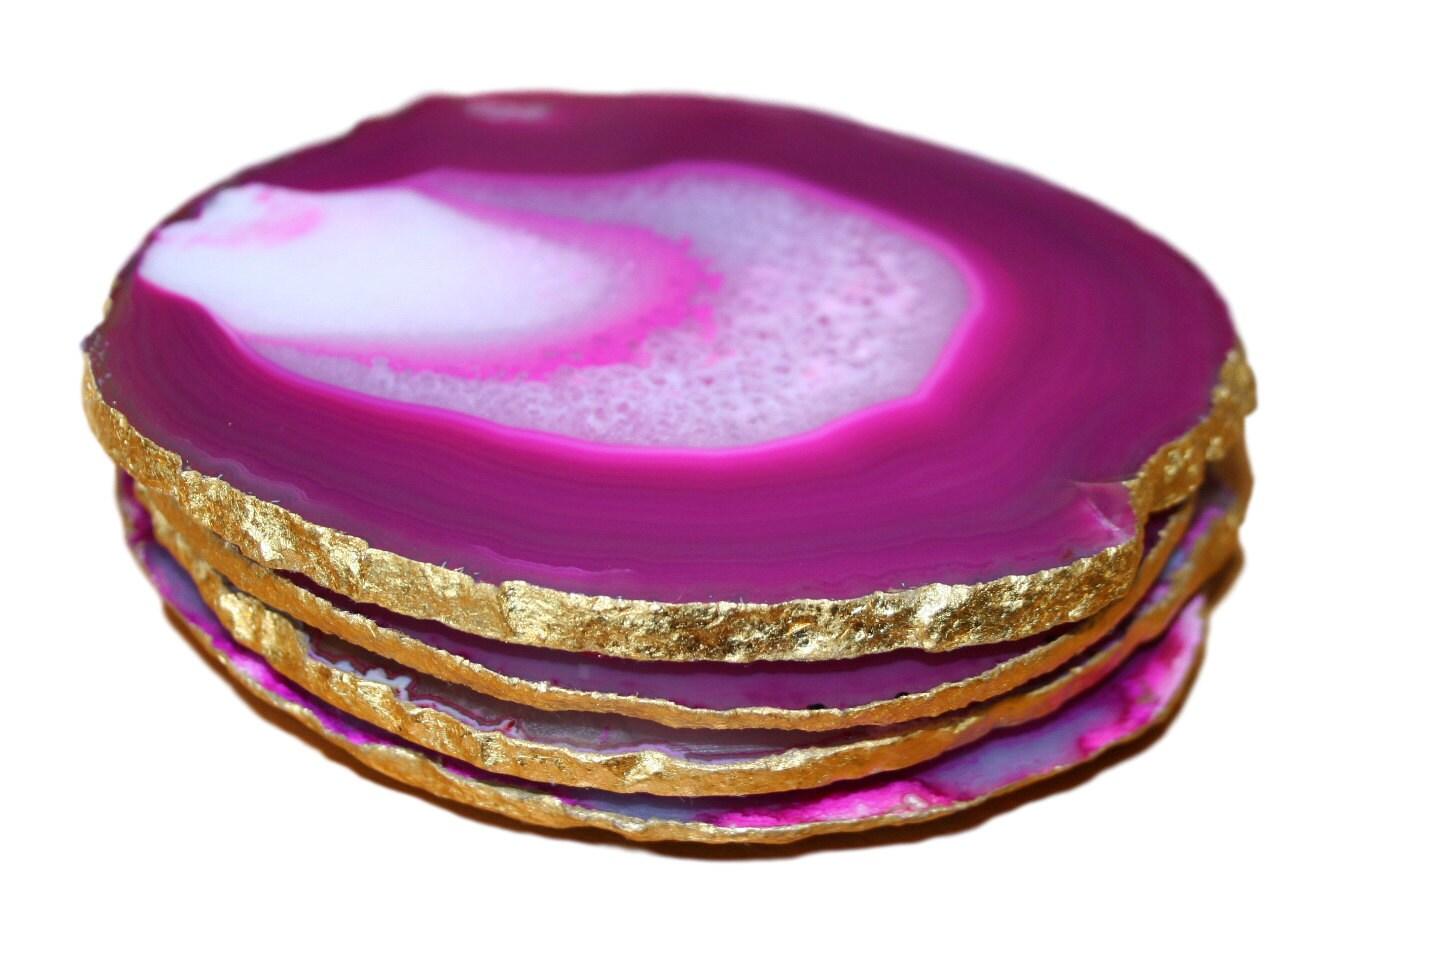 Agate Coasters Agate Drink Coasters Agate Stone Coasters